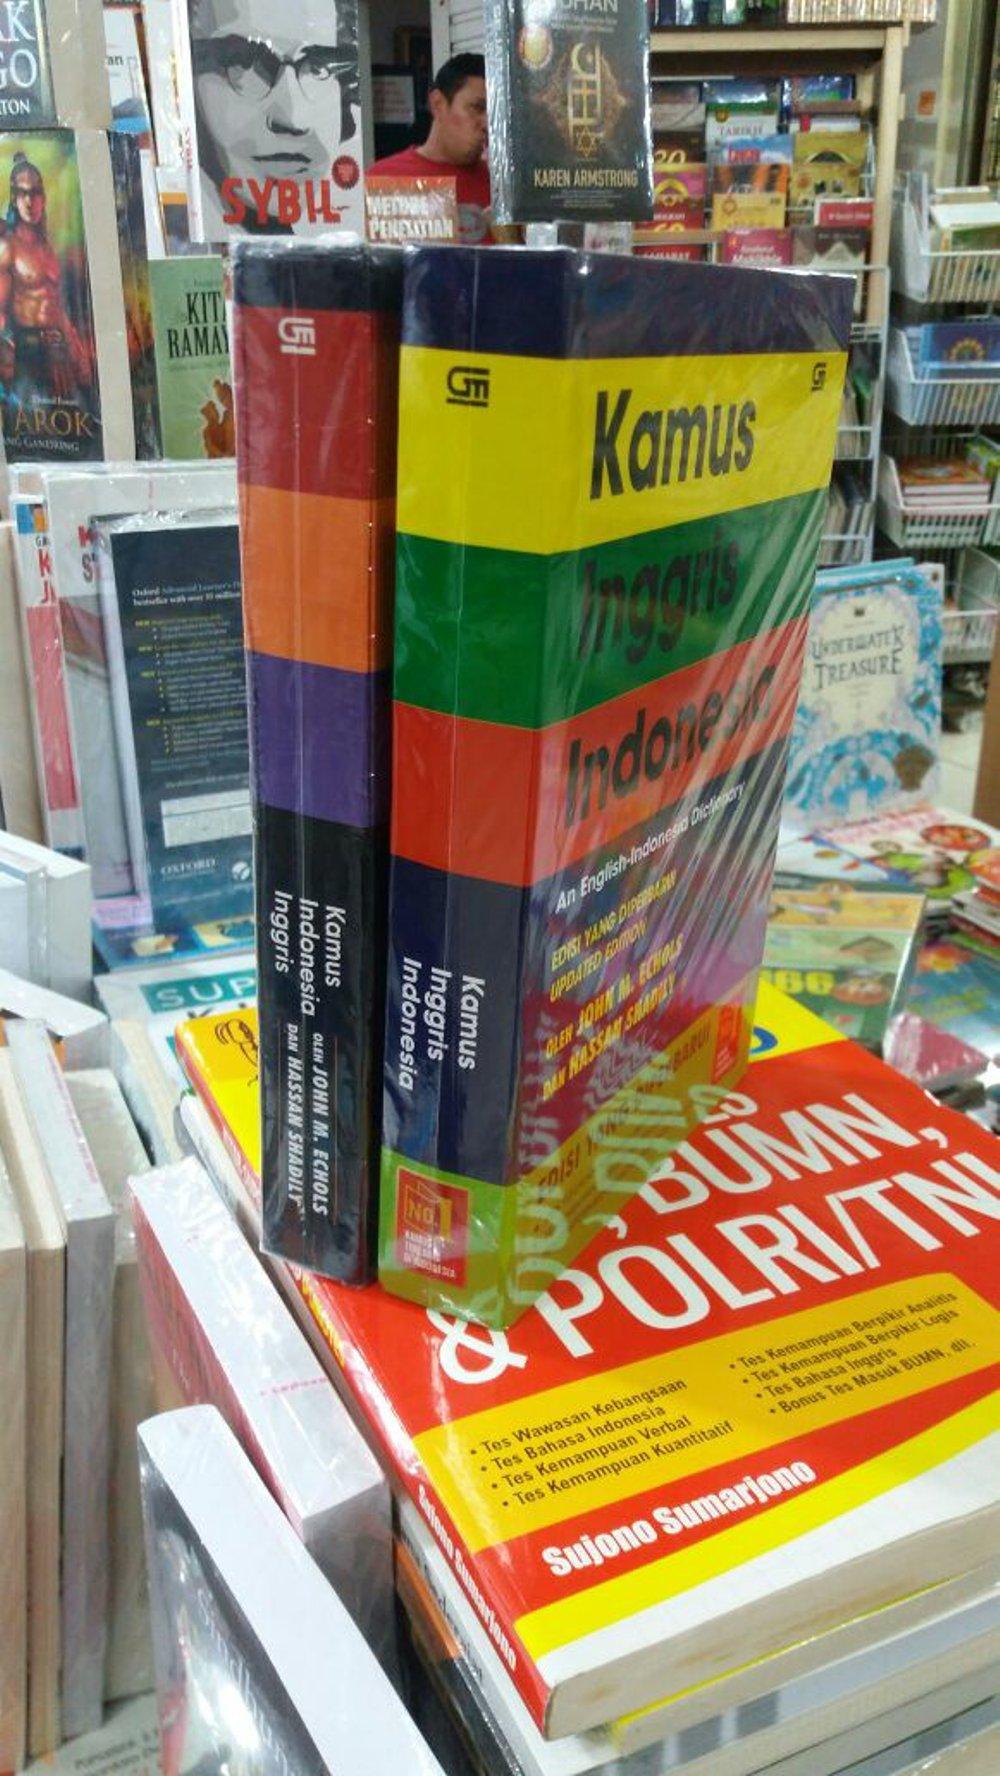 Kamus Bahasa Inggris 2 Buku Rama Store By Ramastore.